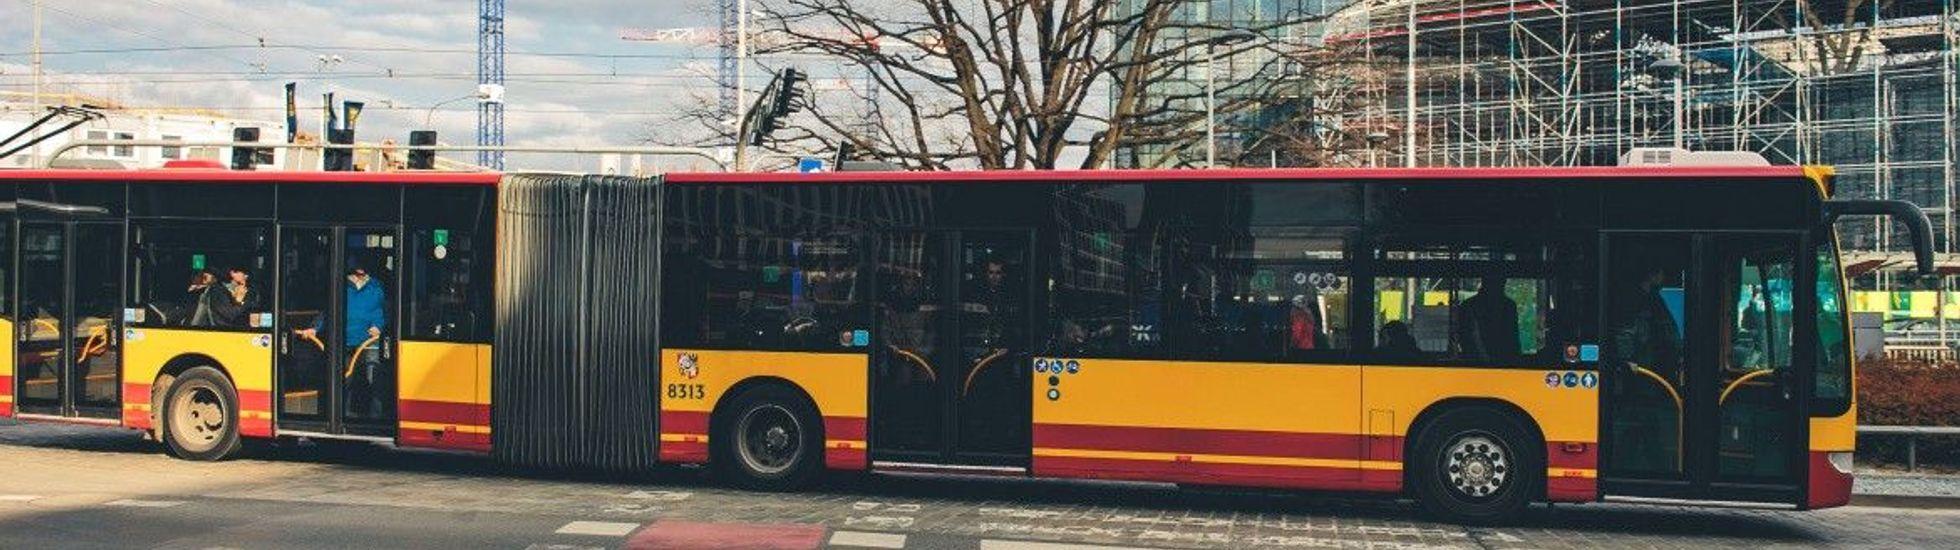 Wrocław: Mieszkańcy Lipy Piotrowskiej walczą o lepsze połączenie autobusowe. Liczą na wsparcie